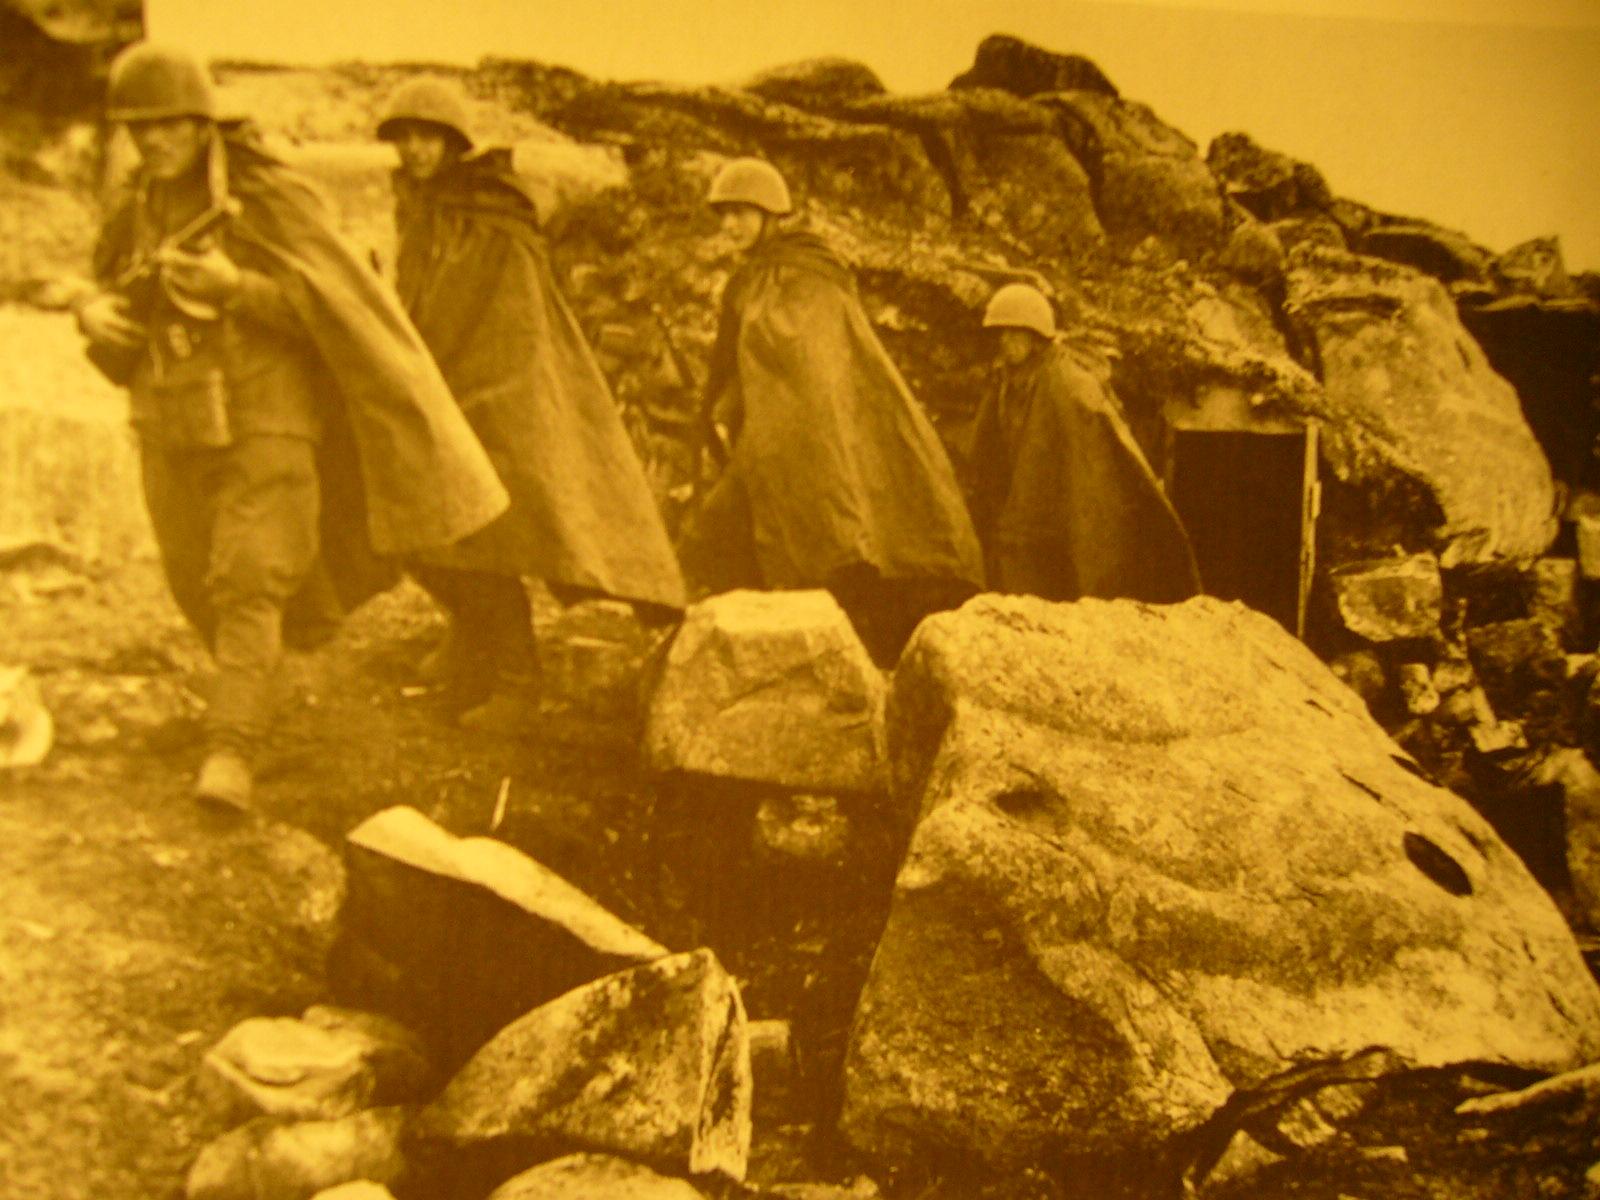 Fotografias increibles de la Segunda Guerra Mundial 4146240p1090942